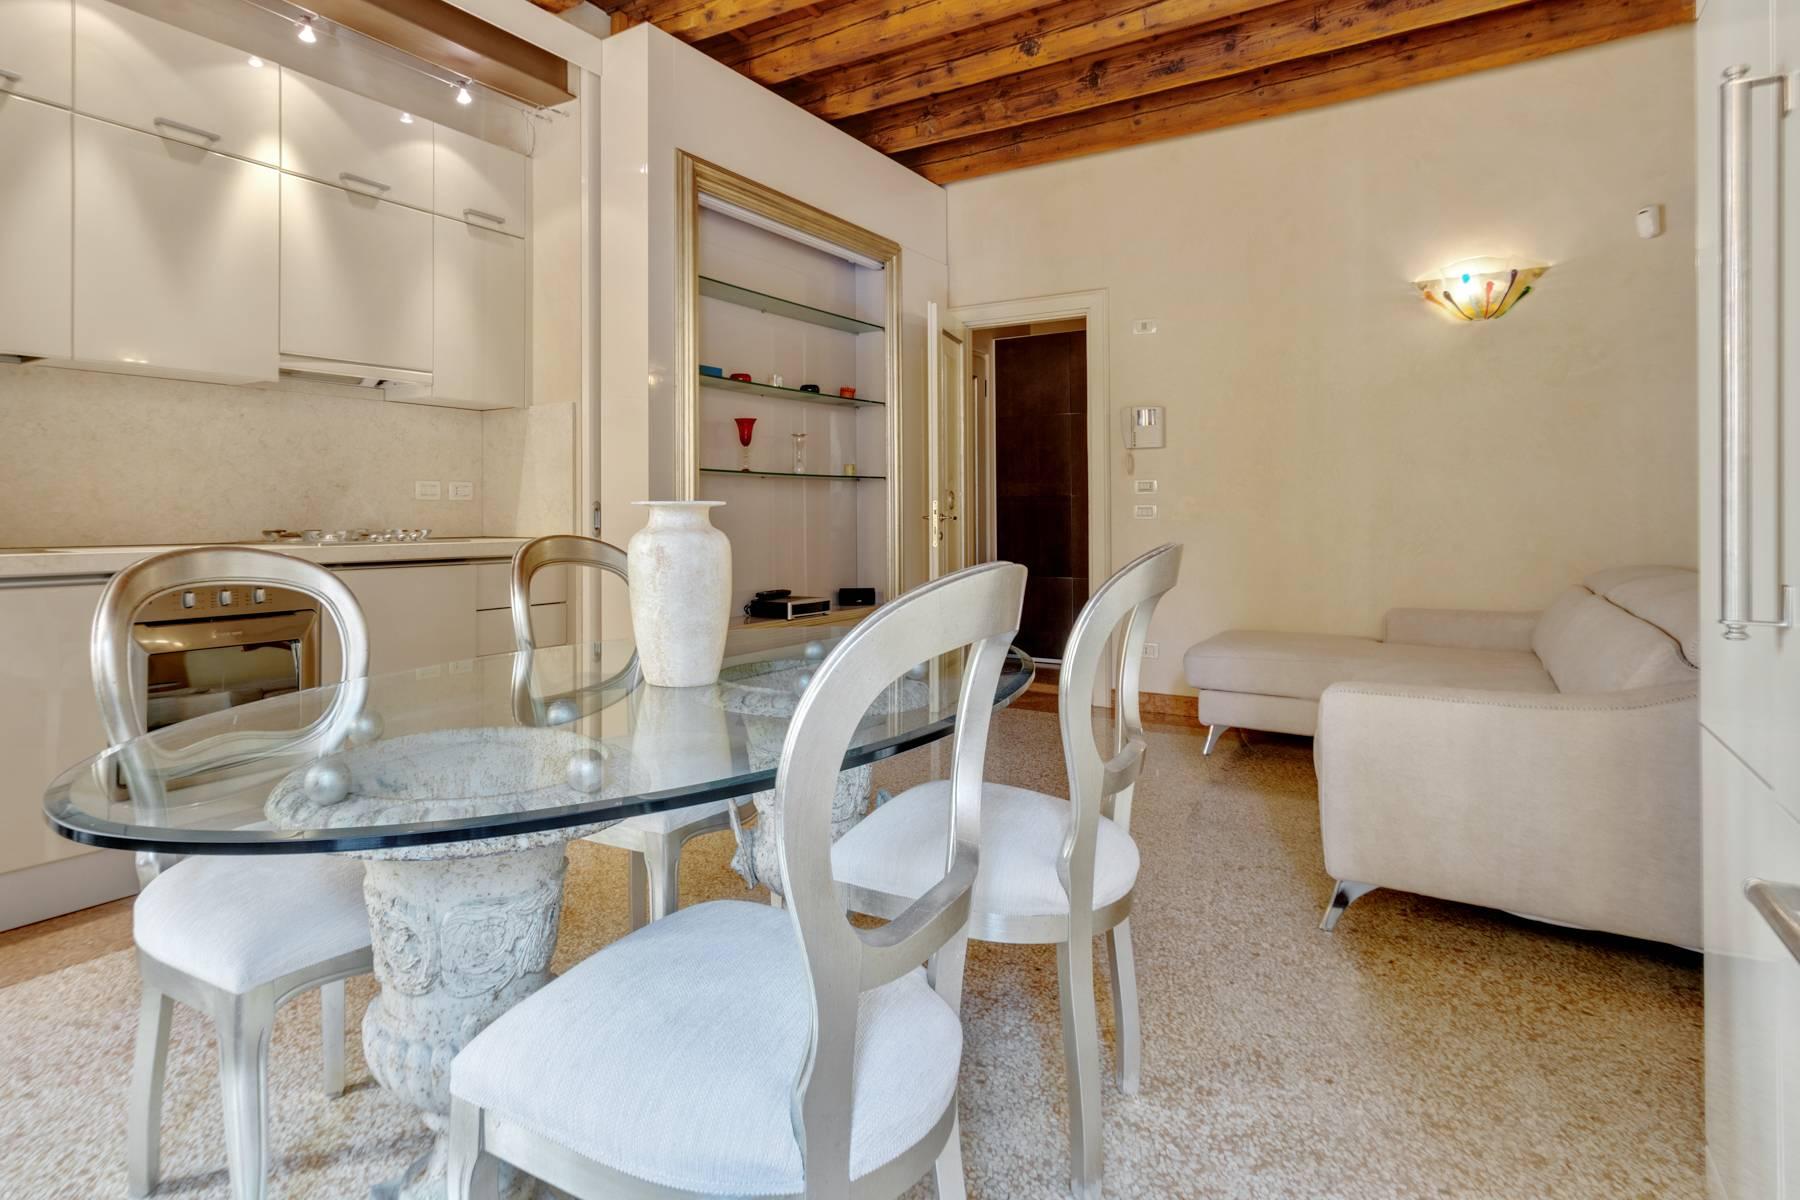 Appartamento in Vendita a Verona: 3 locali, 55 mq - Foto 3